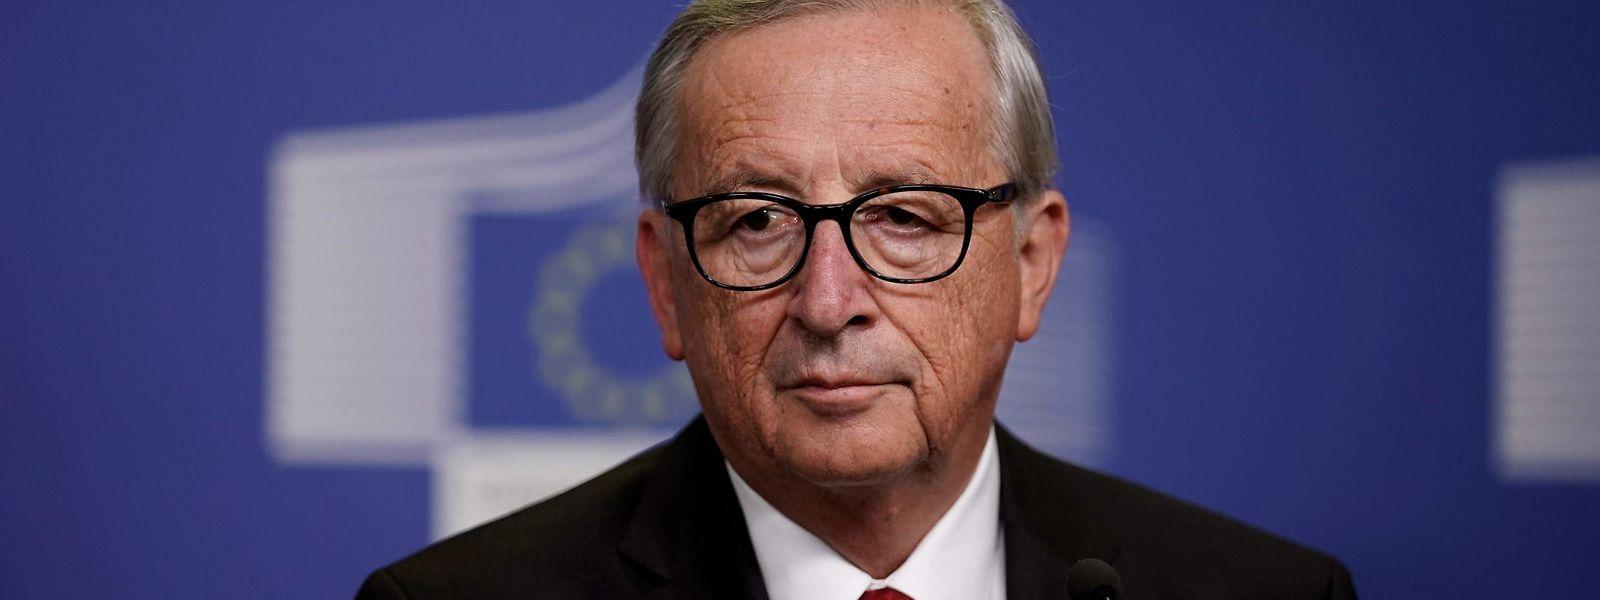 Die EU-Kommission hatte im vergangenen Jahr vorgeschlagen, die halbjährliche Zeitumstellung abzuschaffen.